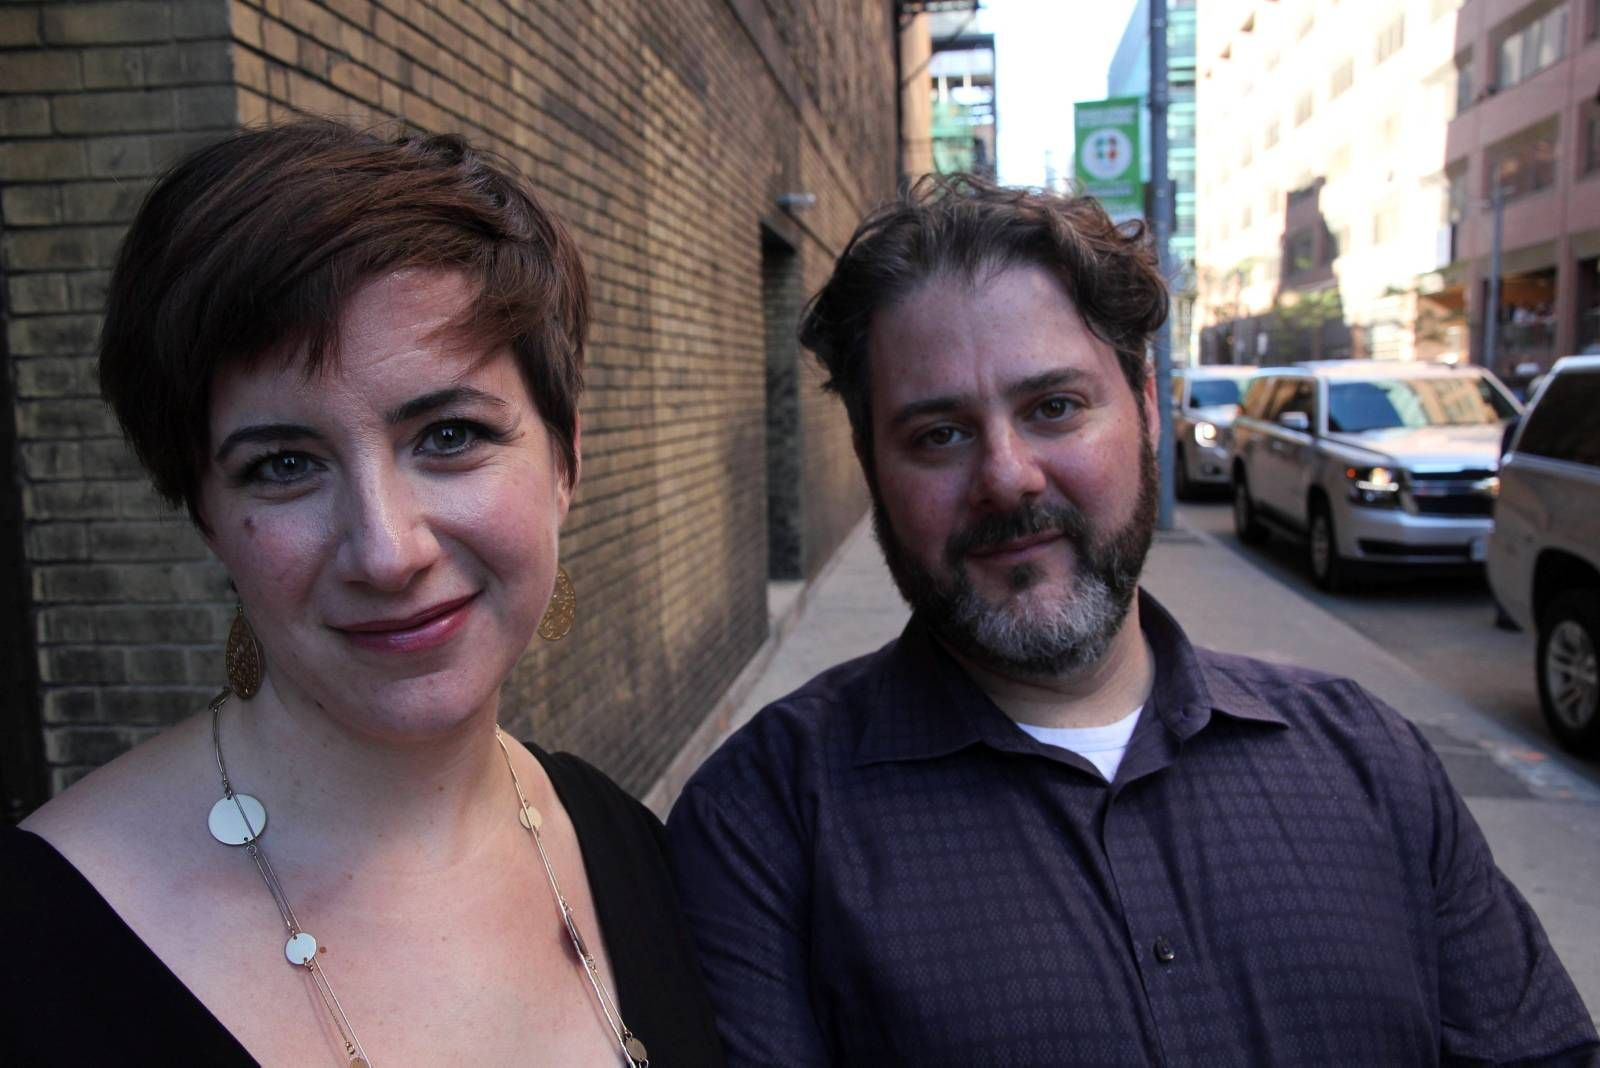 FORNØYDE: Steven Gilbert og kona Rachel var svært fornøyd med Frøken Julie. - En nydelig, men vanskelig film, sier Rachel Gilbert.